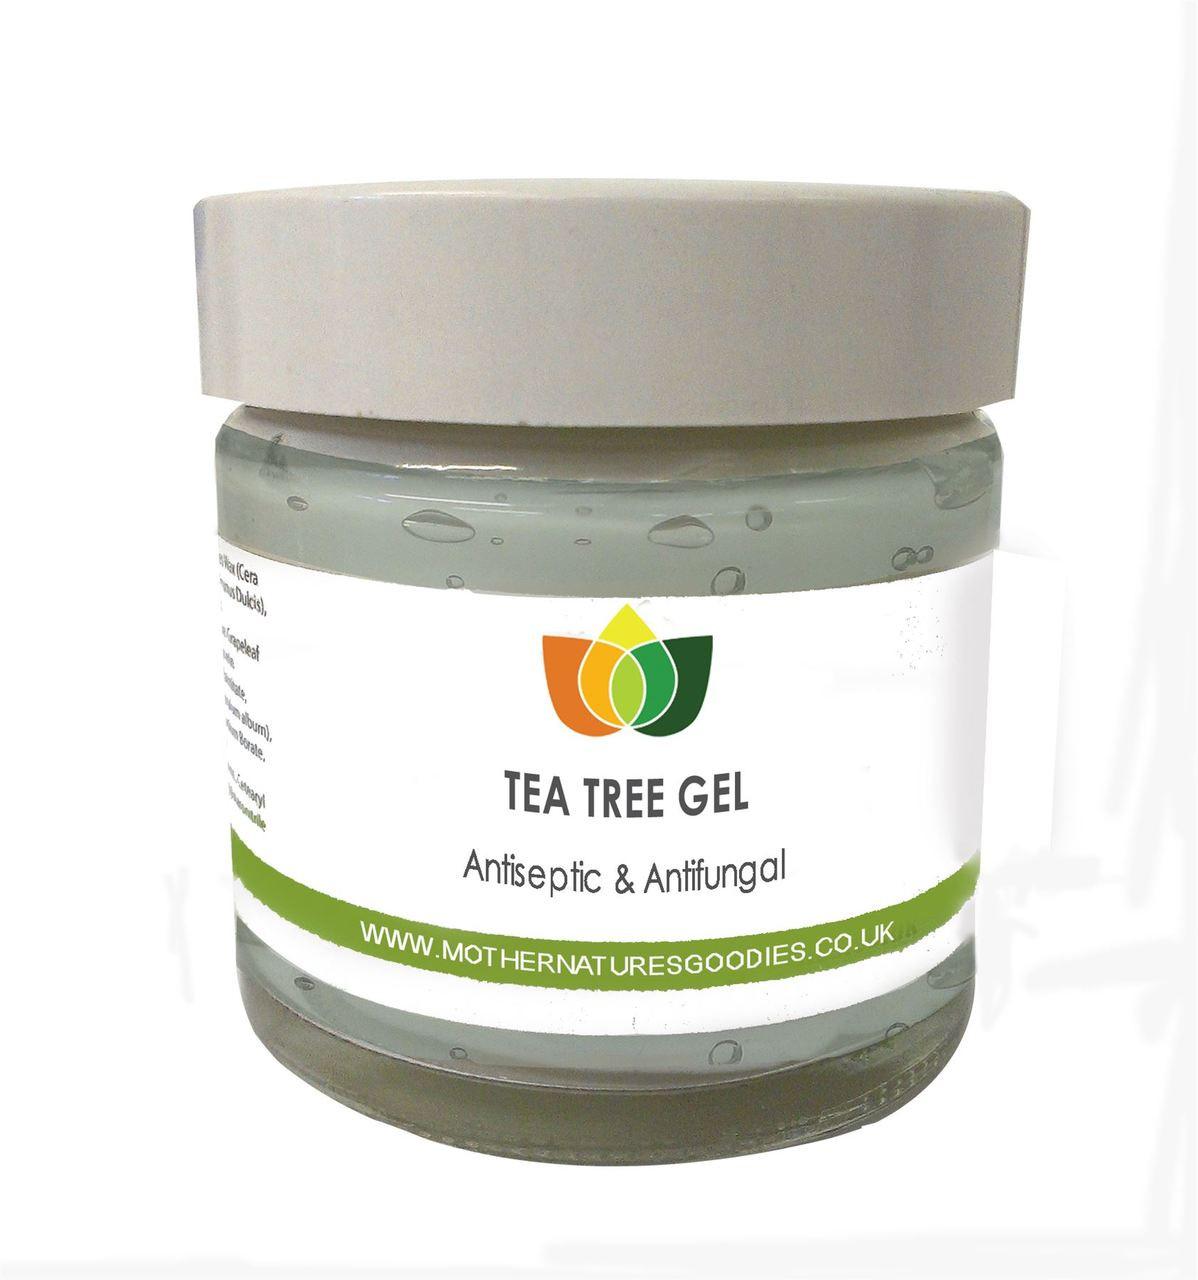 Natural Tea Tree Gel Anti-Fungal Anti-Bacterial. Multiple Sizes